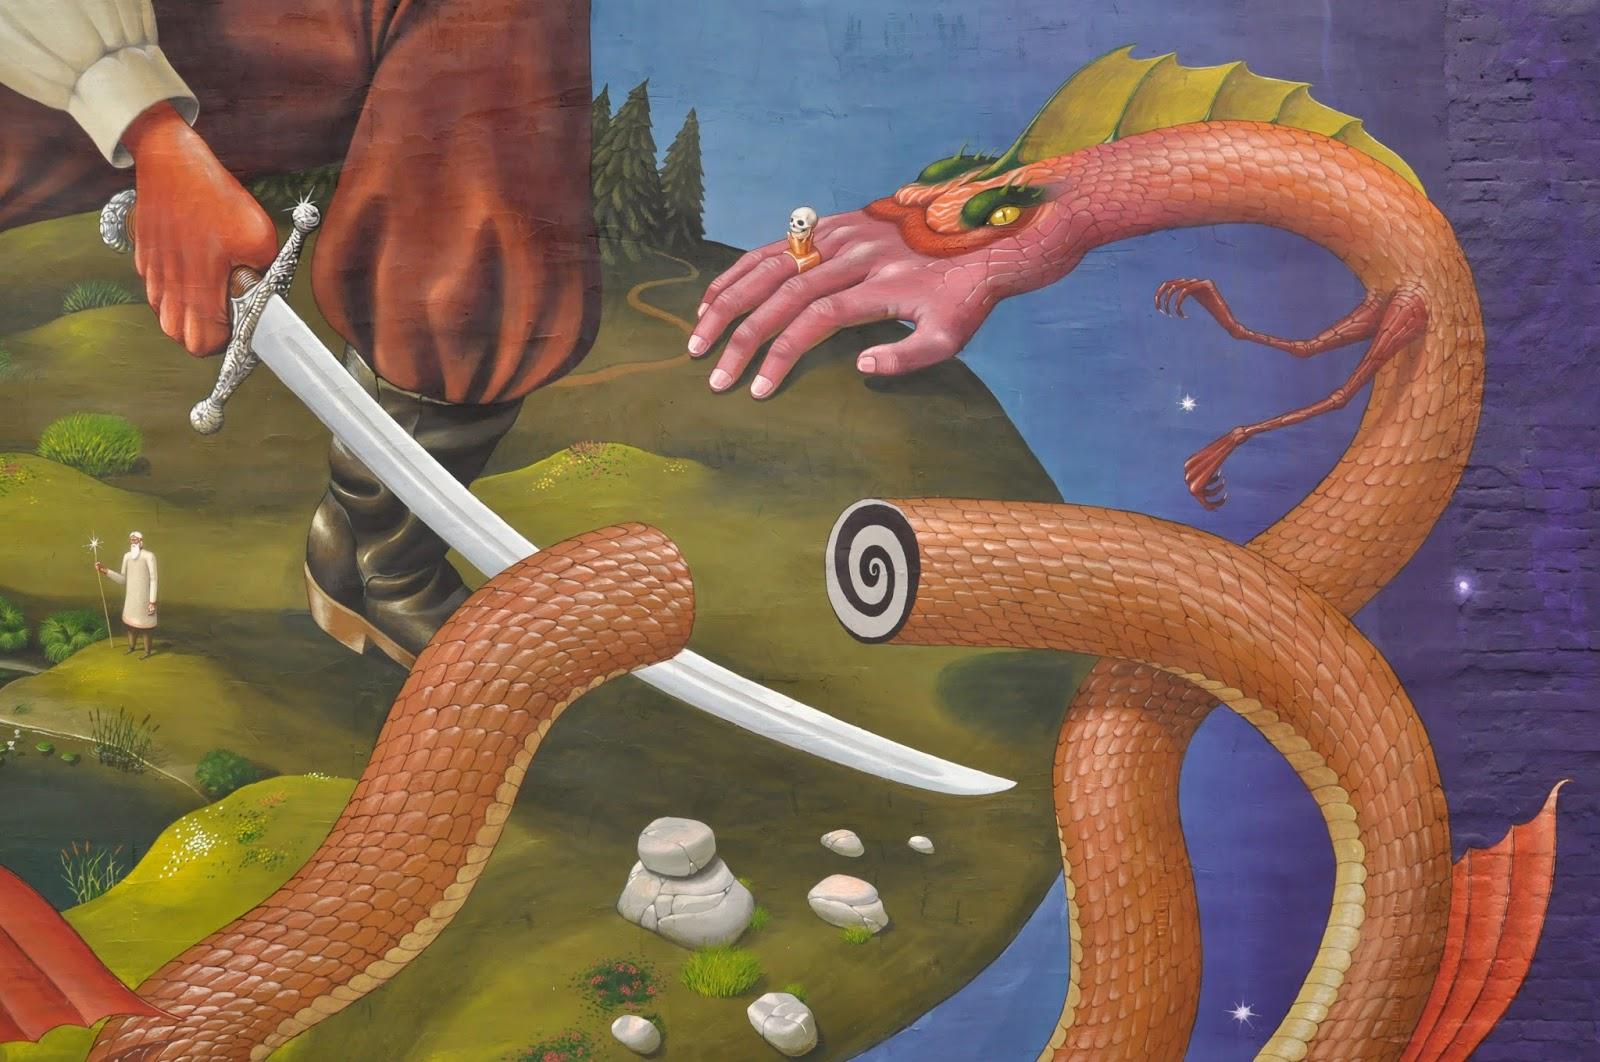 Святой Юрий граффити Interesni Kazki Aec Большая Житомирская, 38 фрагмент, рука-змея, крупно